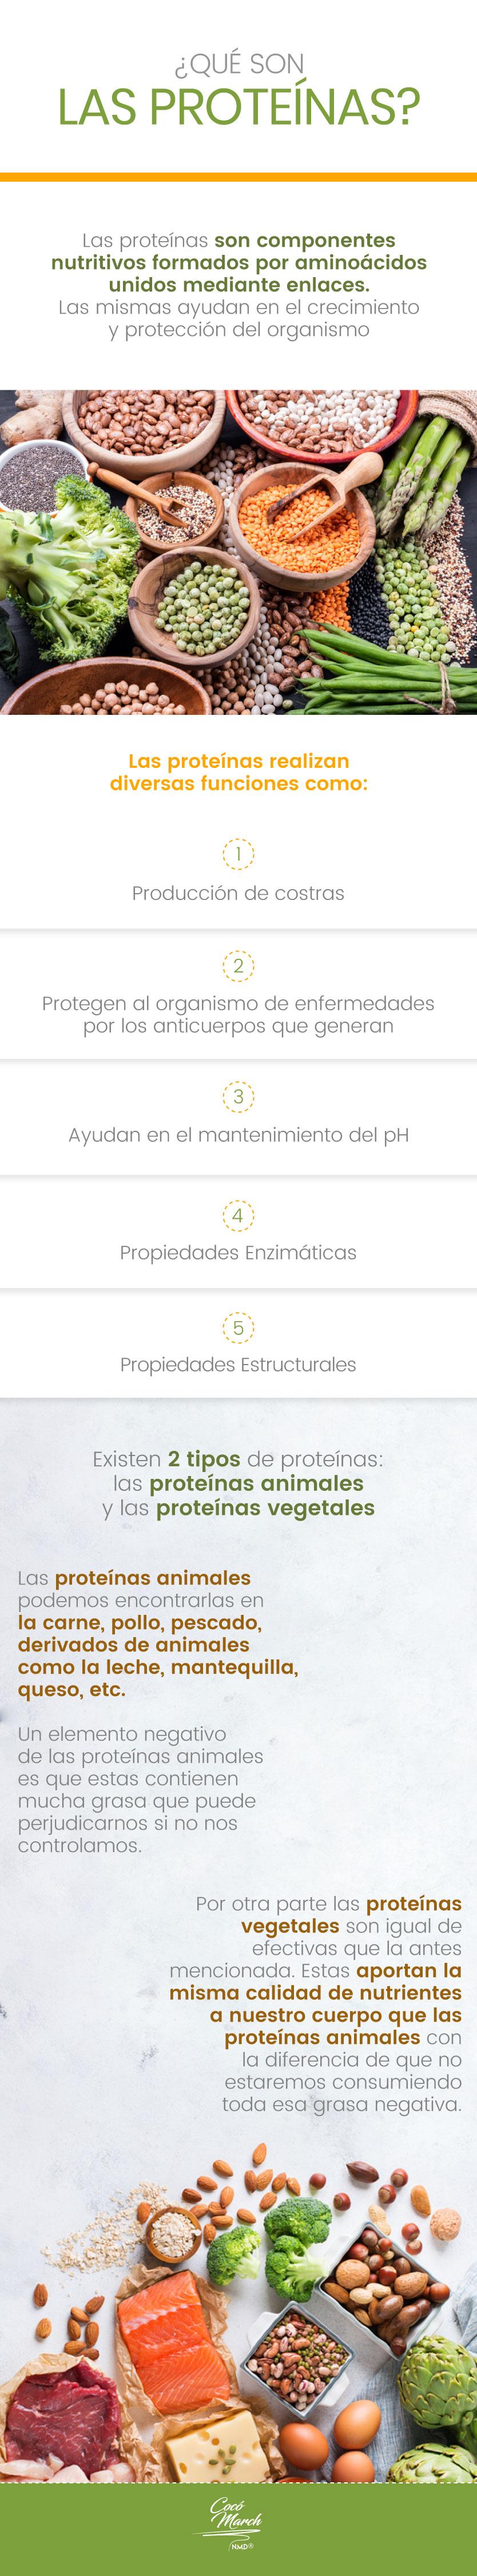 proteinas-que-son